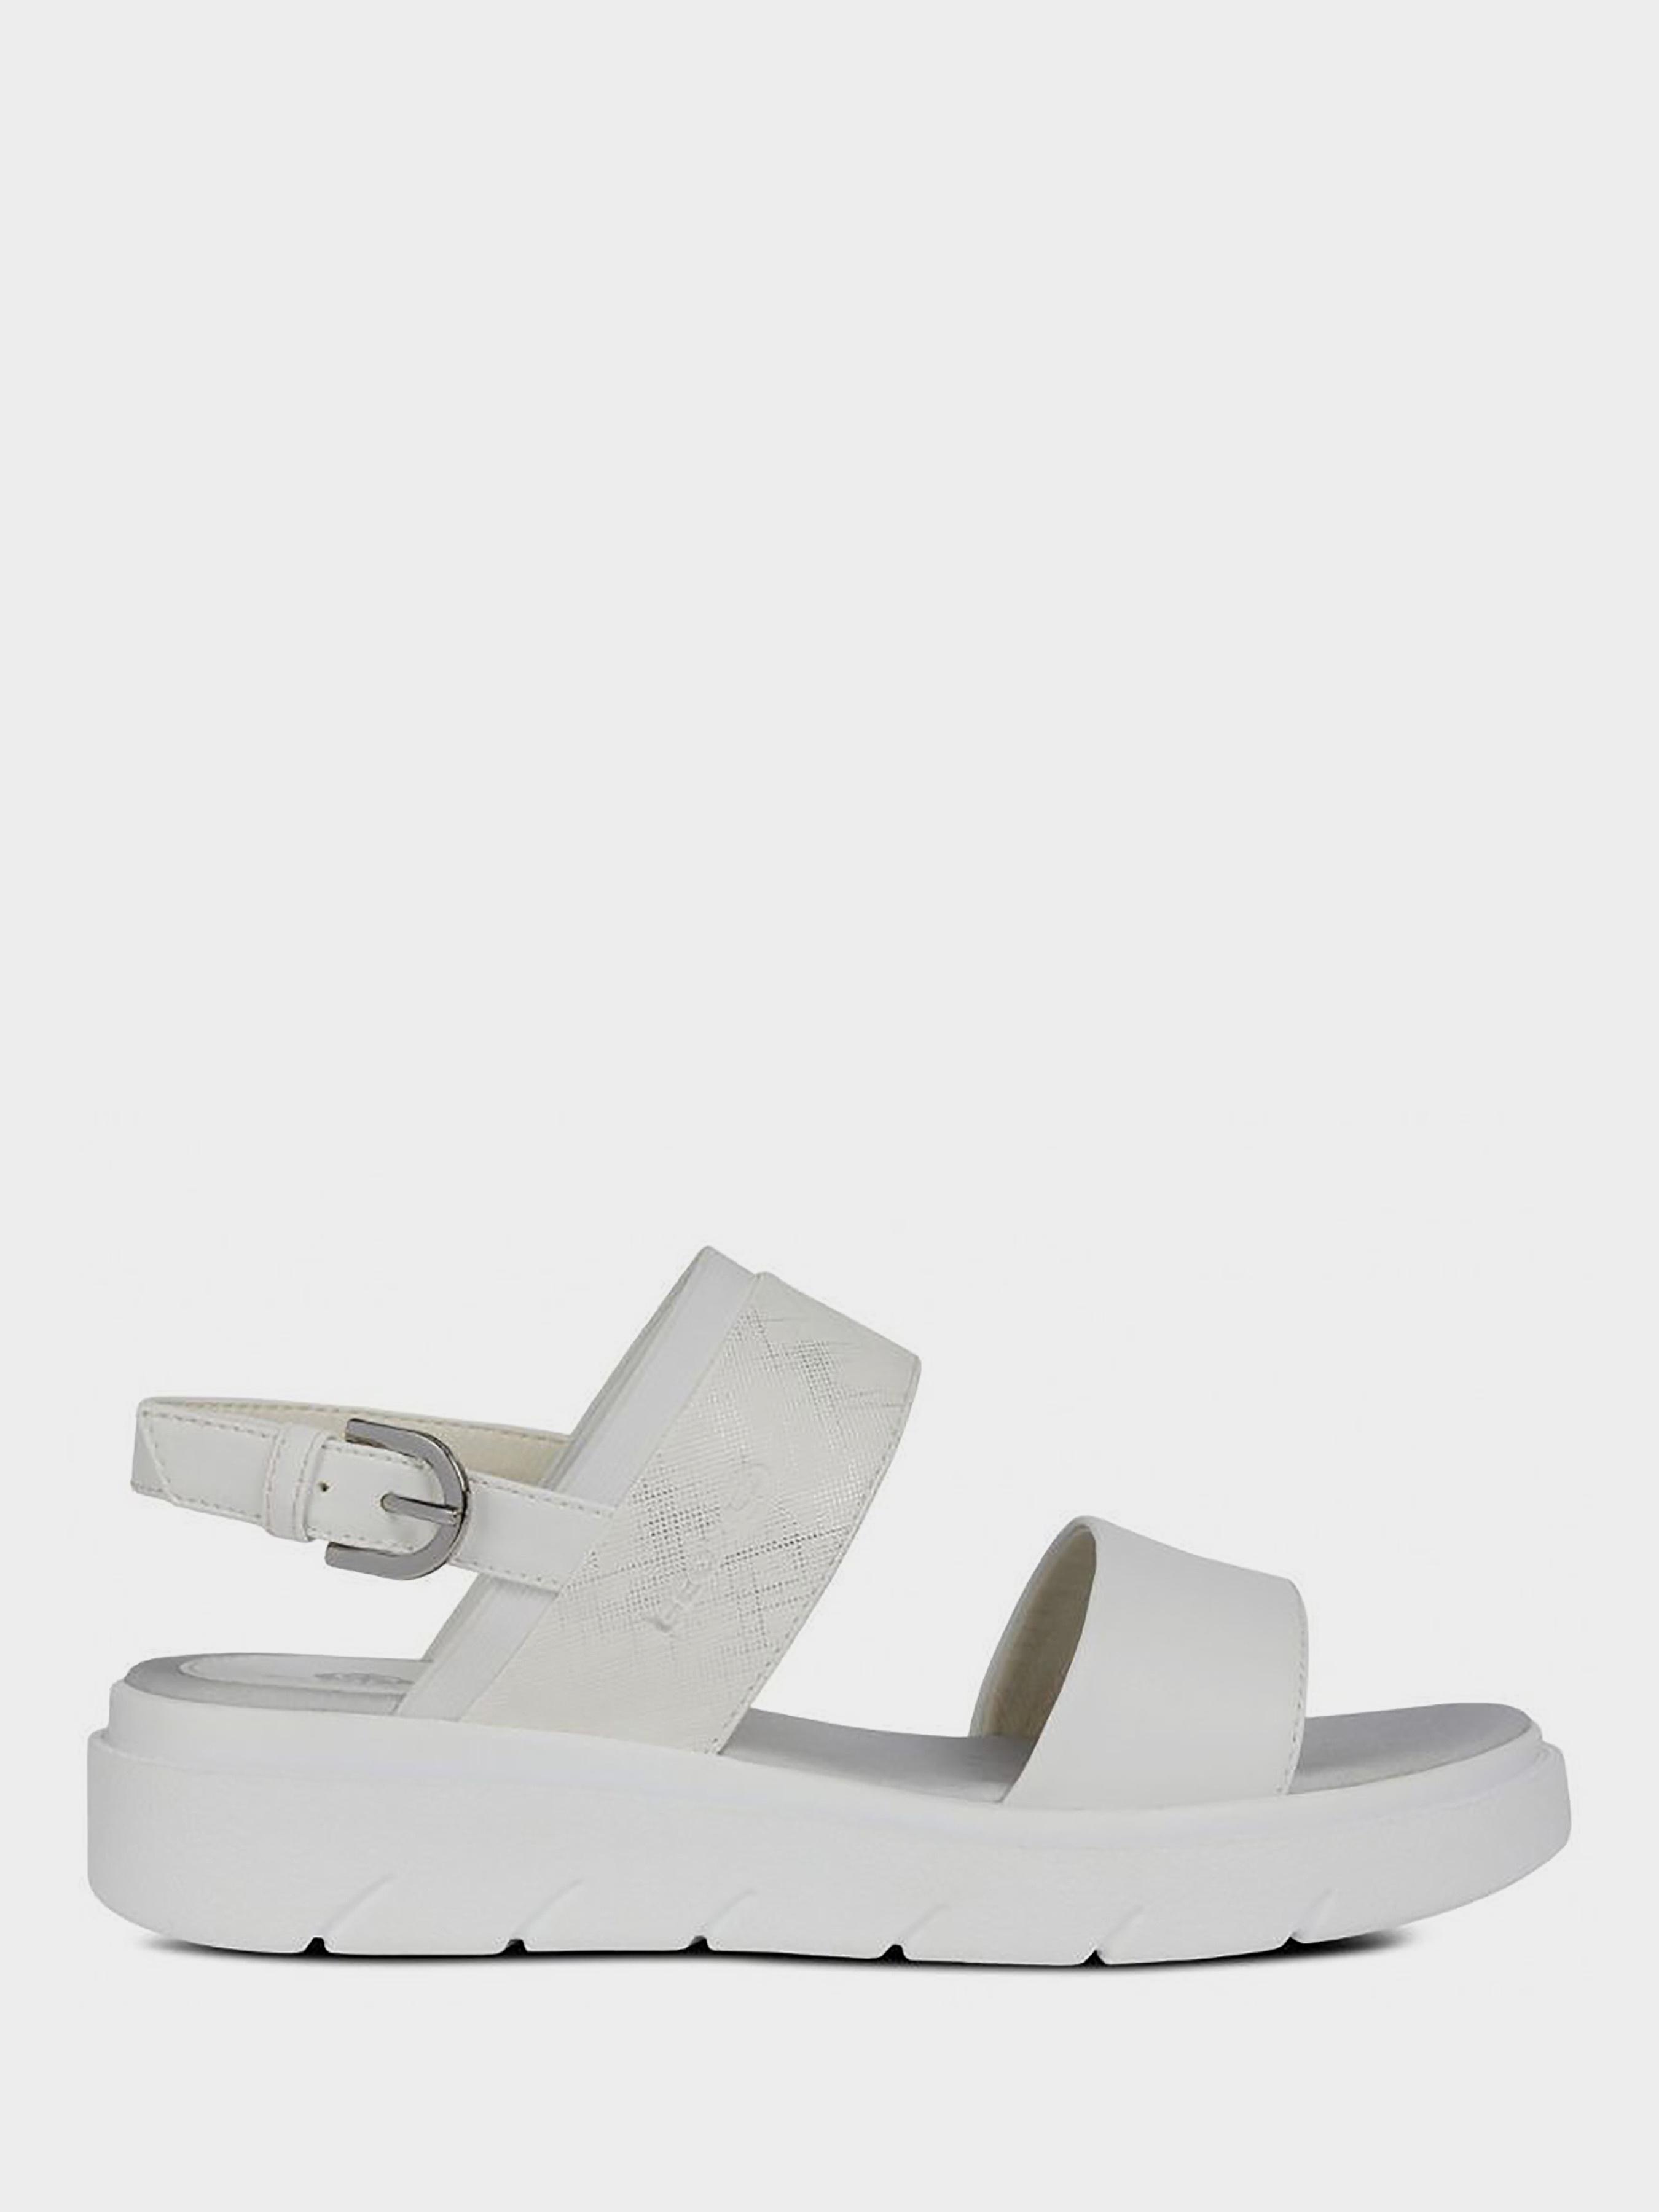 Босоножки для женщин Geox D TAMAS XW3581 купить обувь, 2017